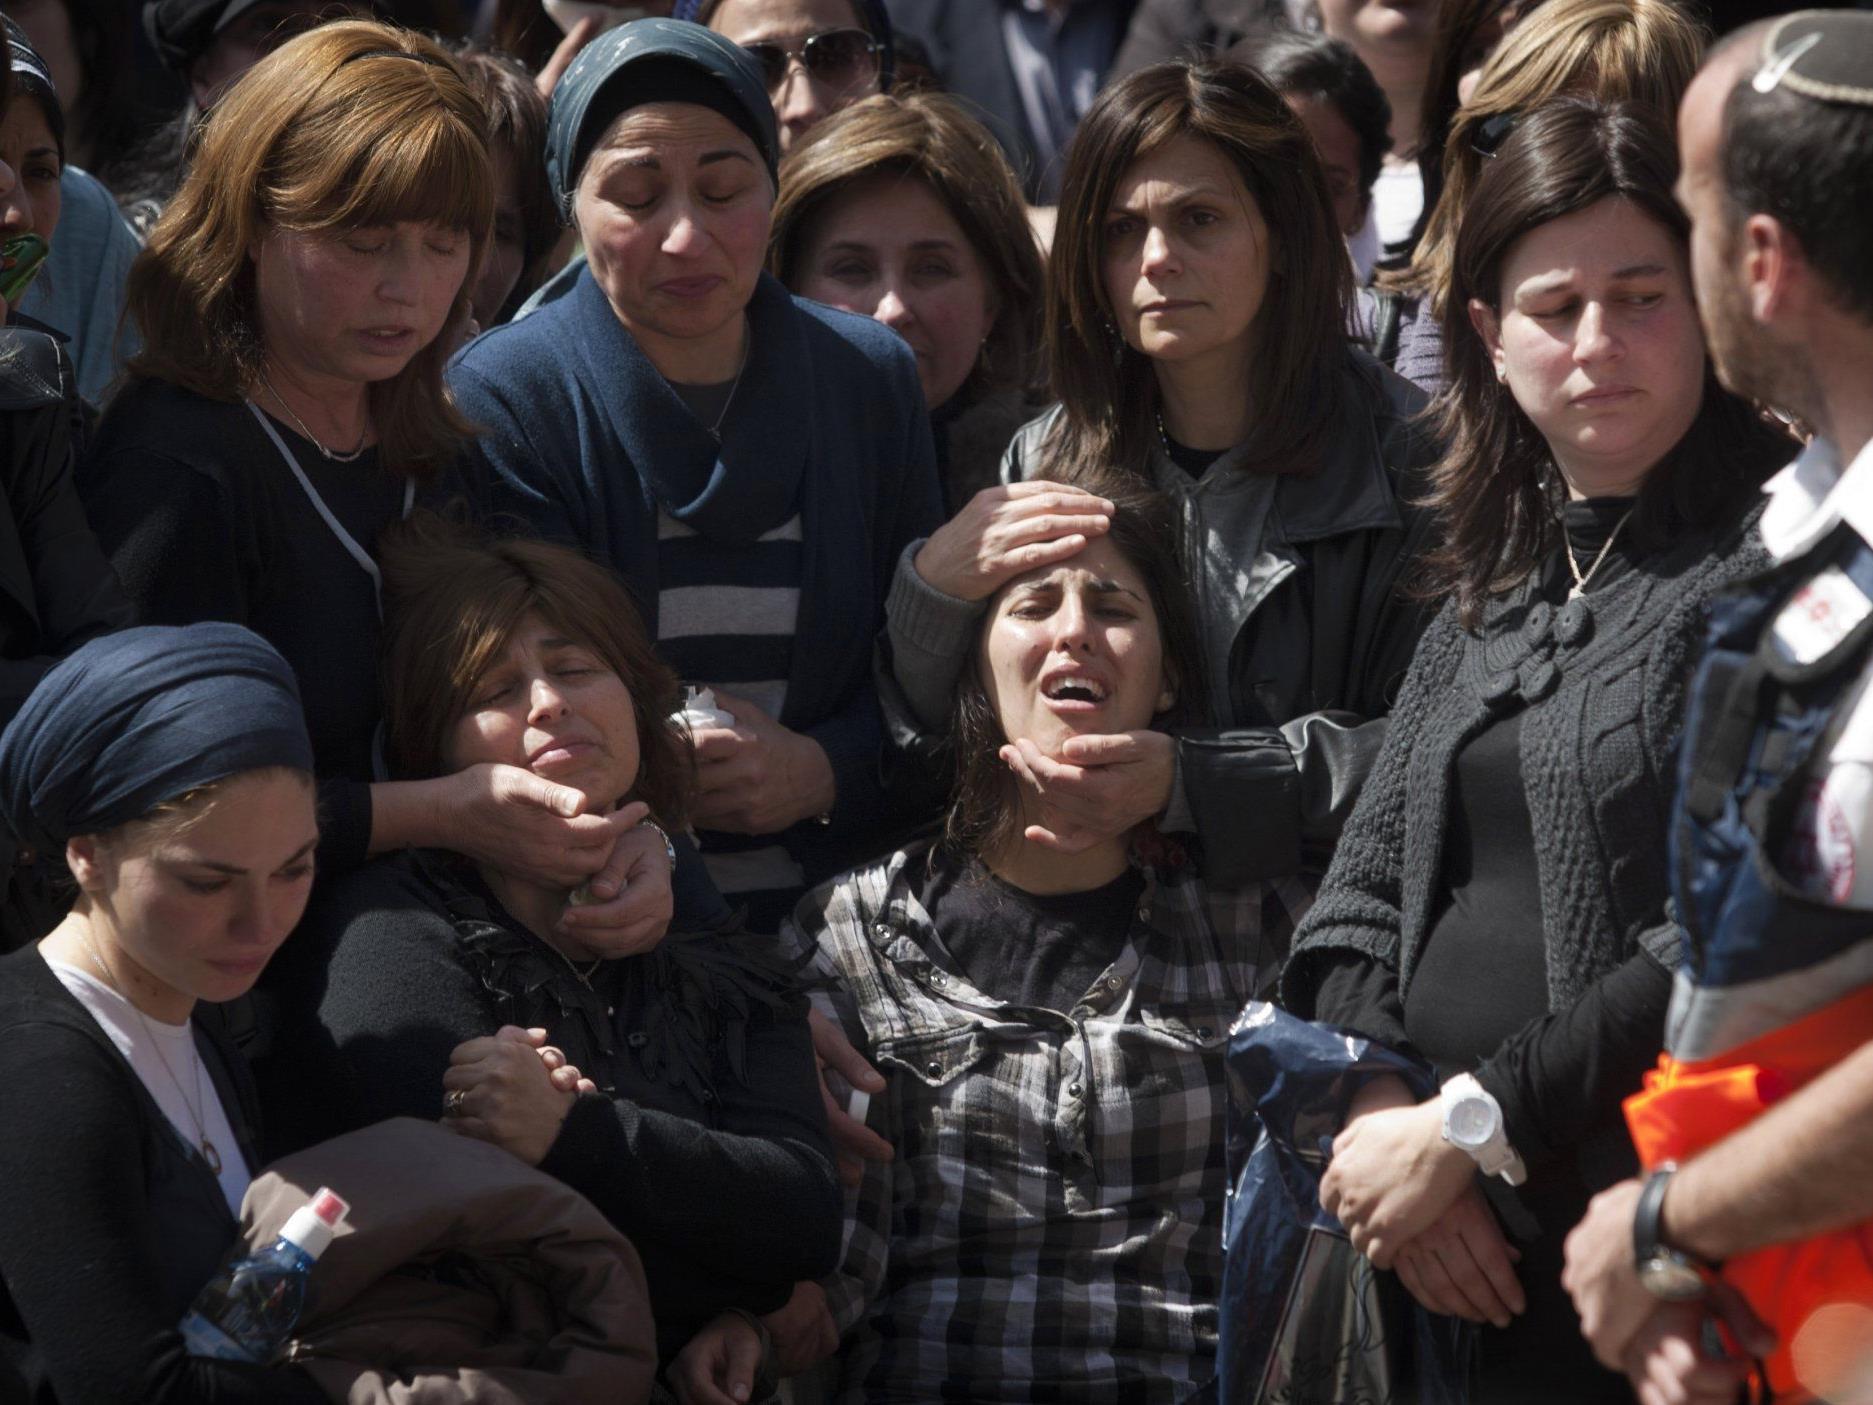 Angehörige der getöteten Schüler von Toulouse